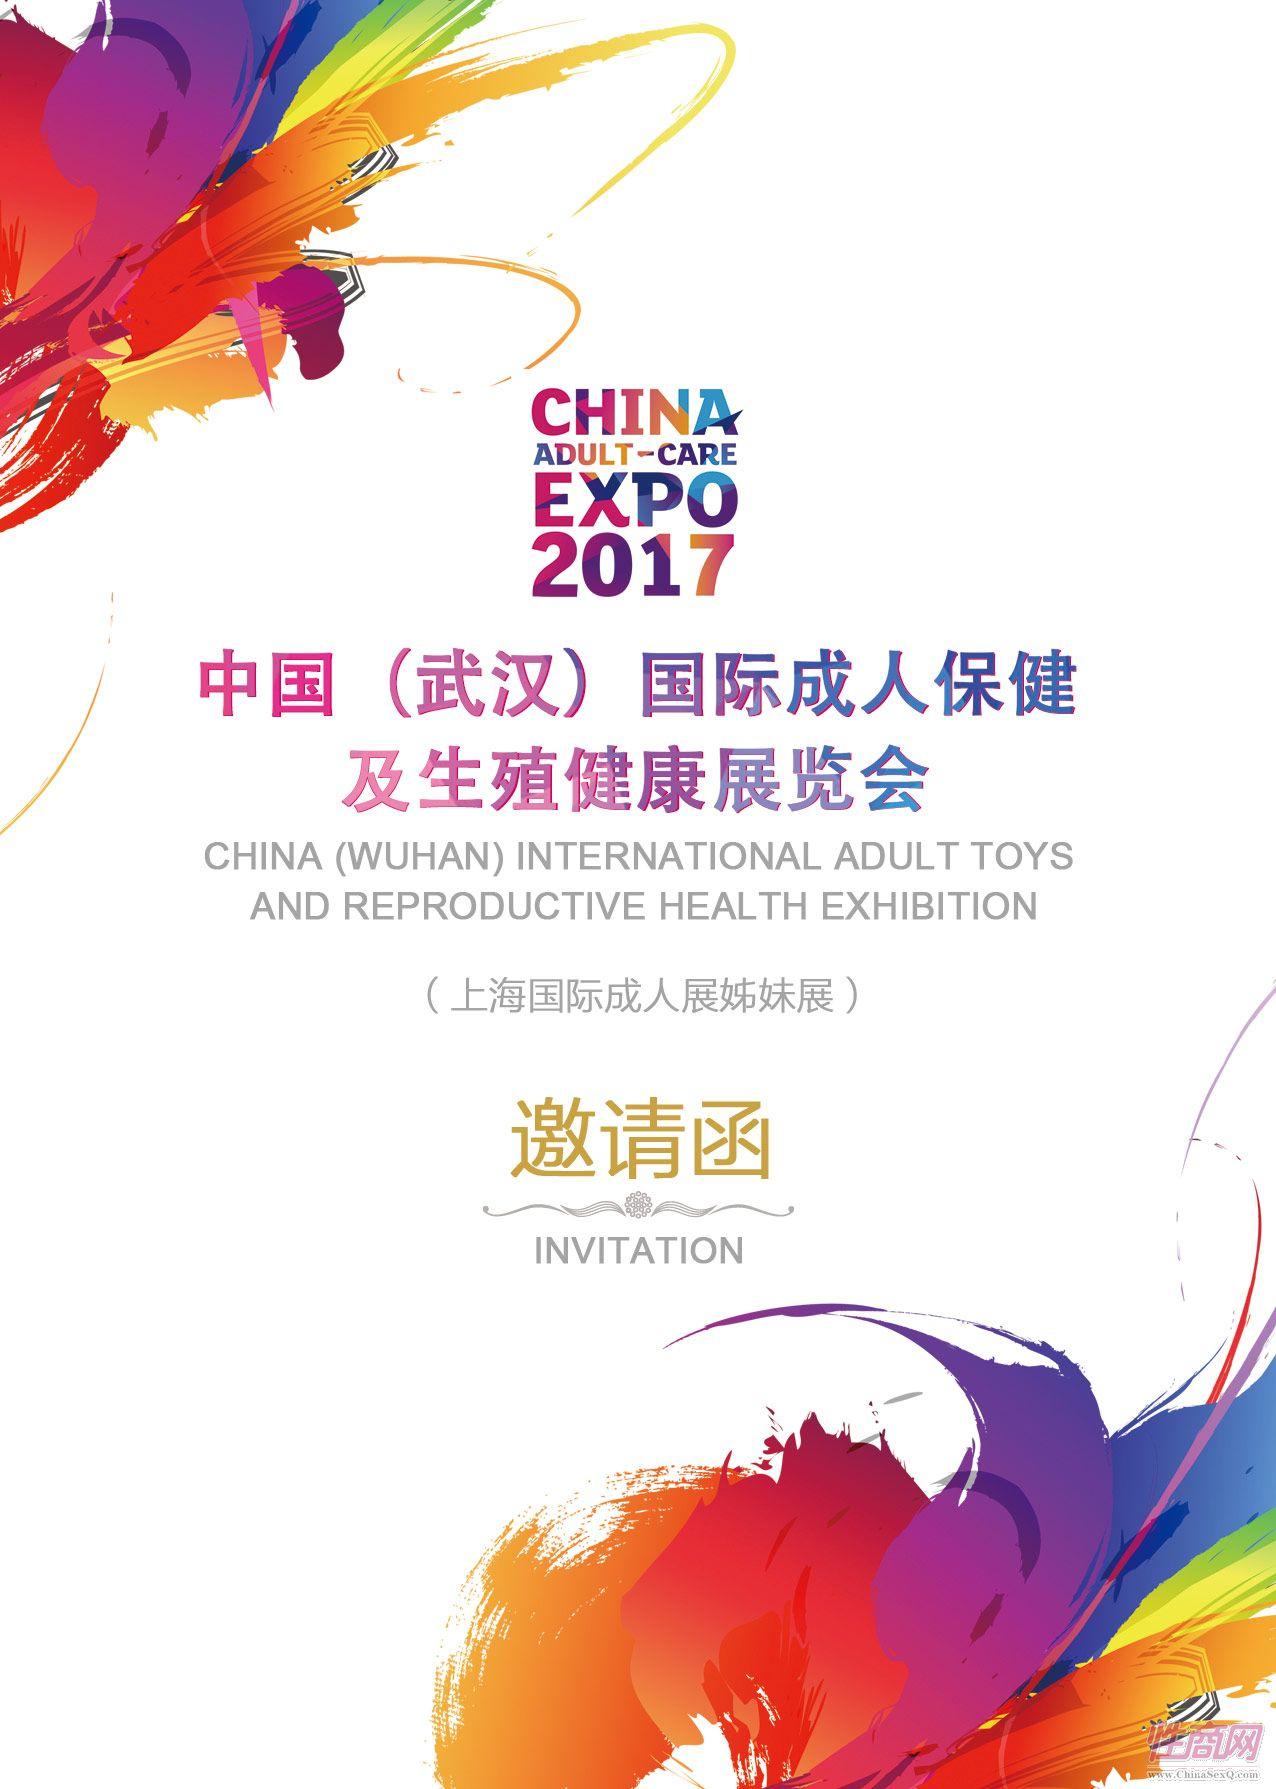 2015年武汉成人展_2017武汉成人展免费门票专业观众预登记